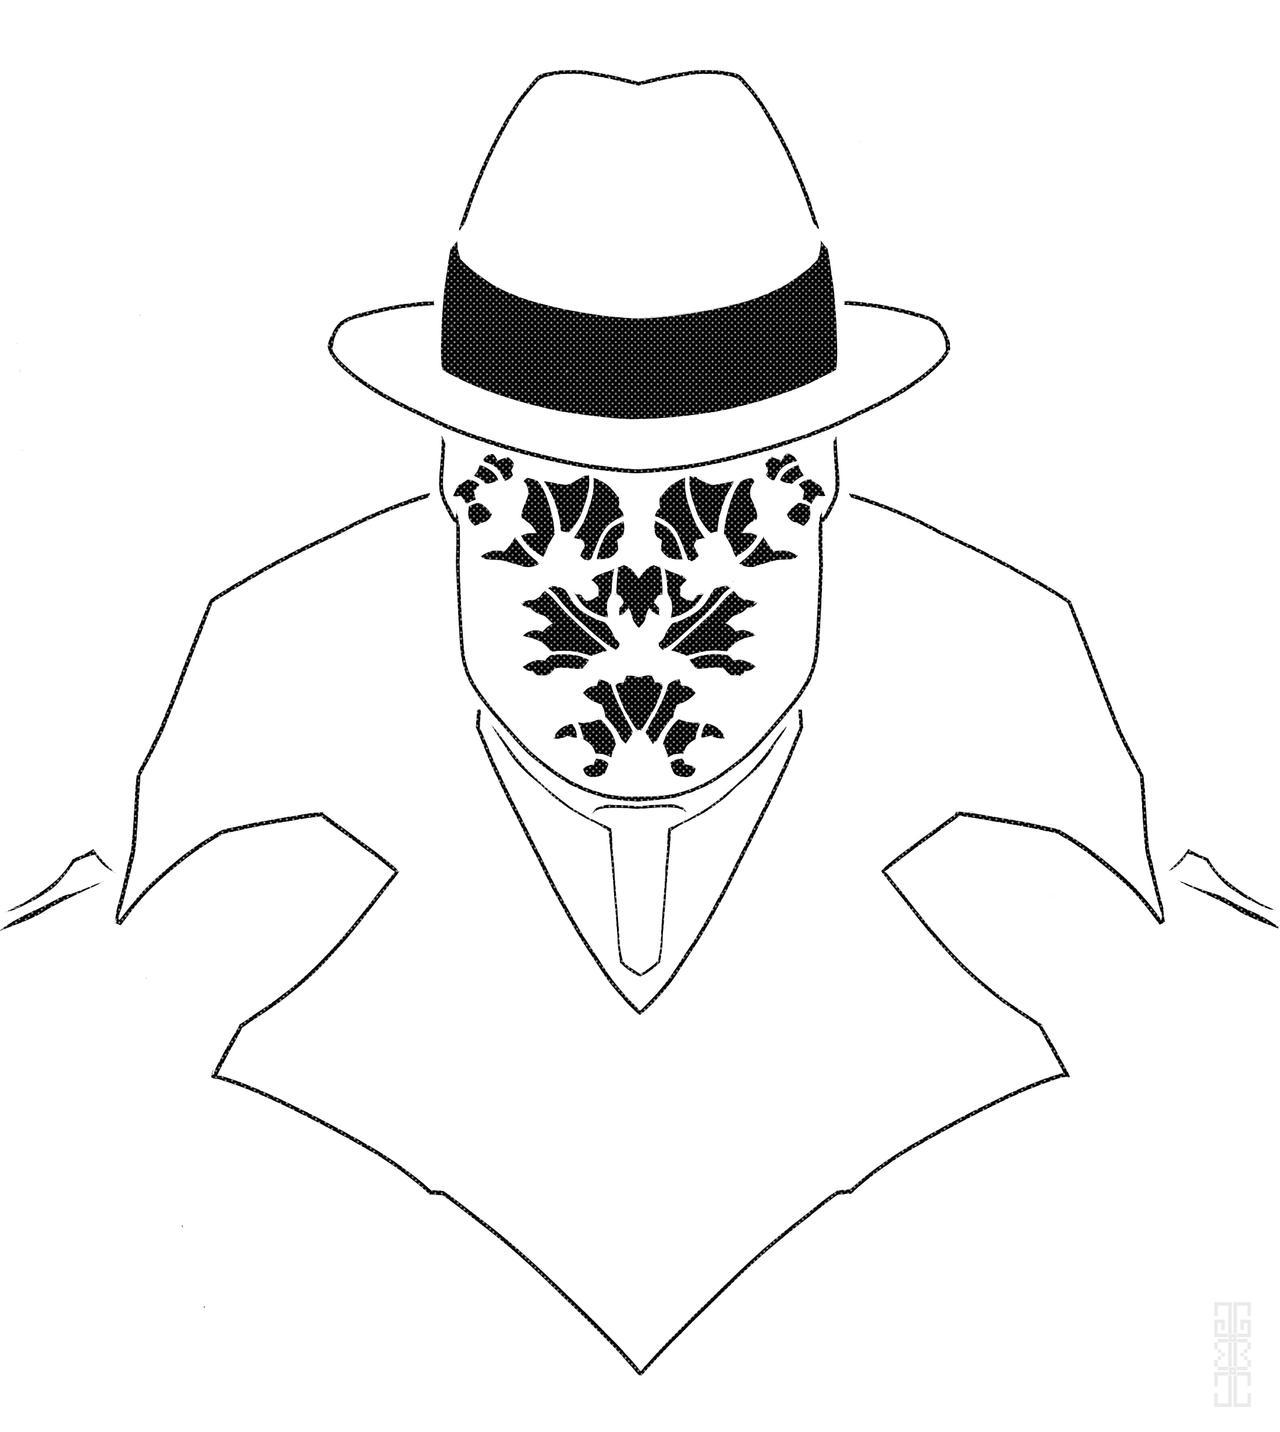 Rorschach by GAGBAGCHEN